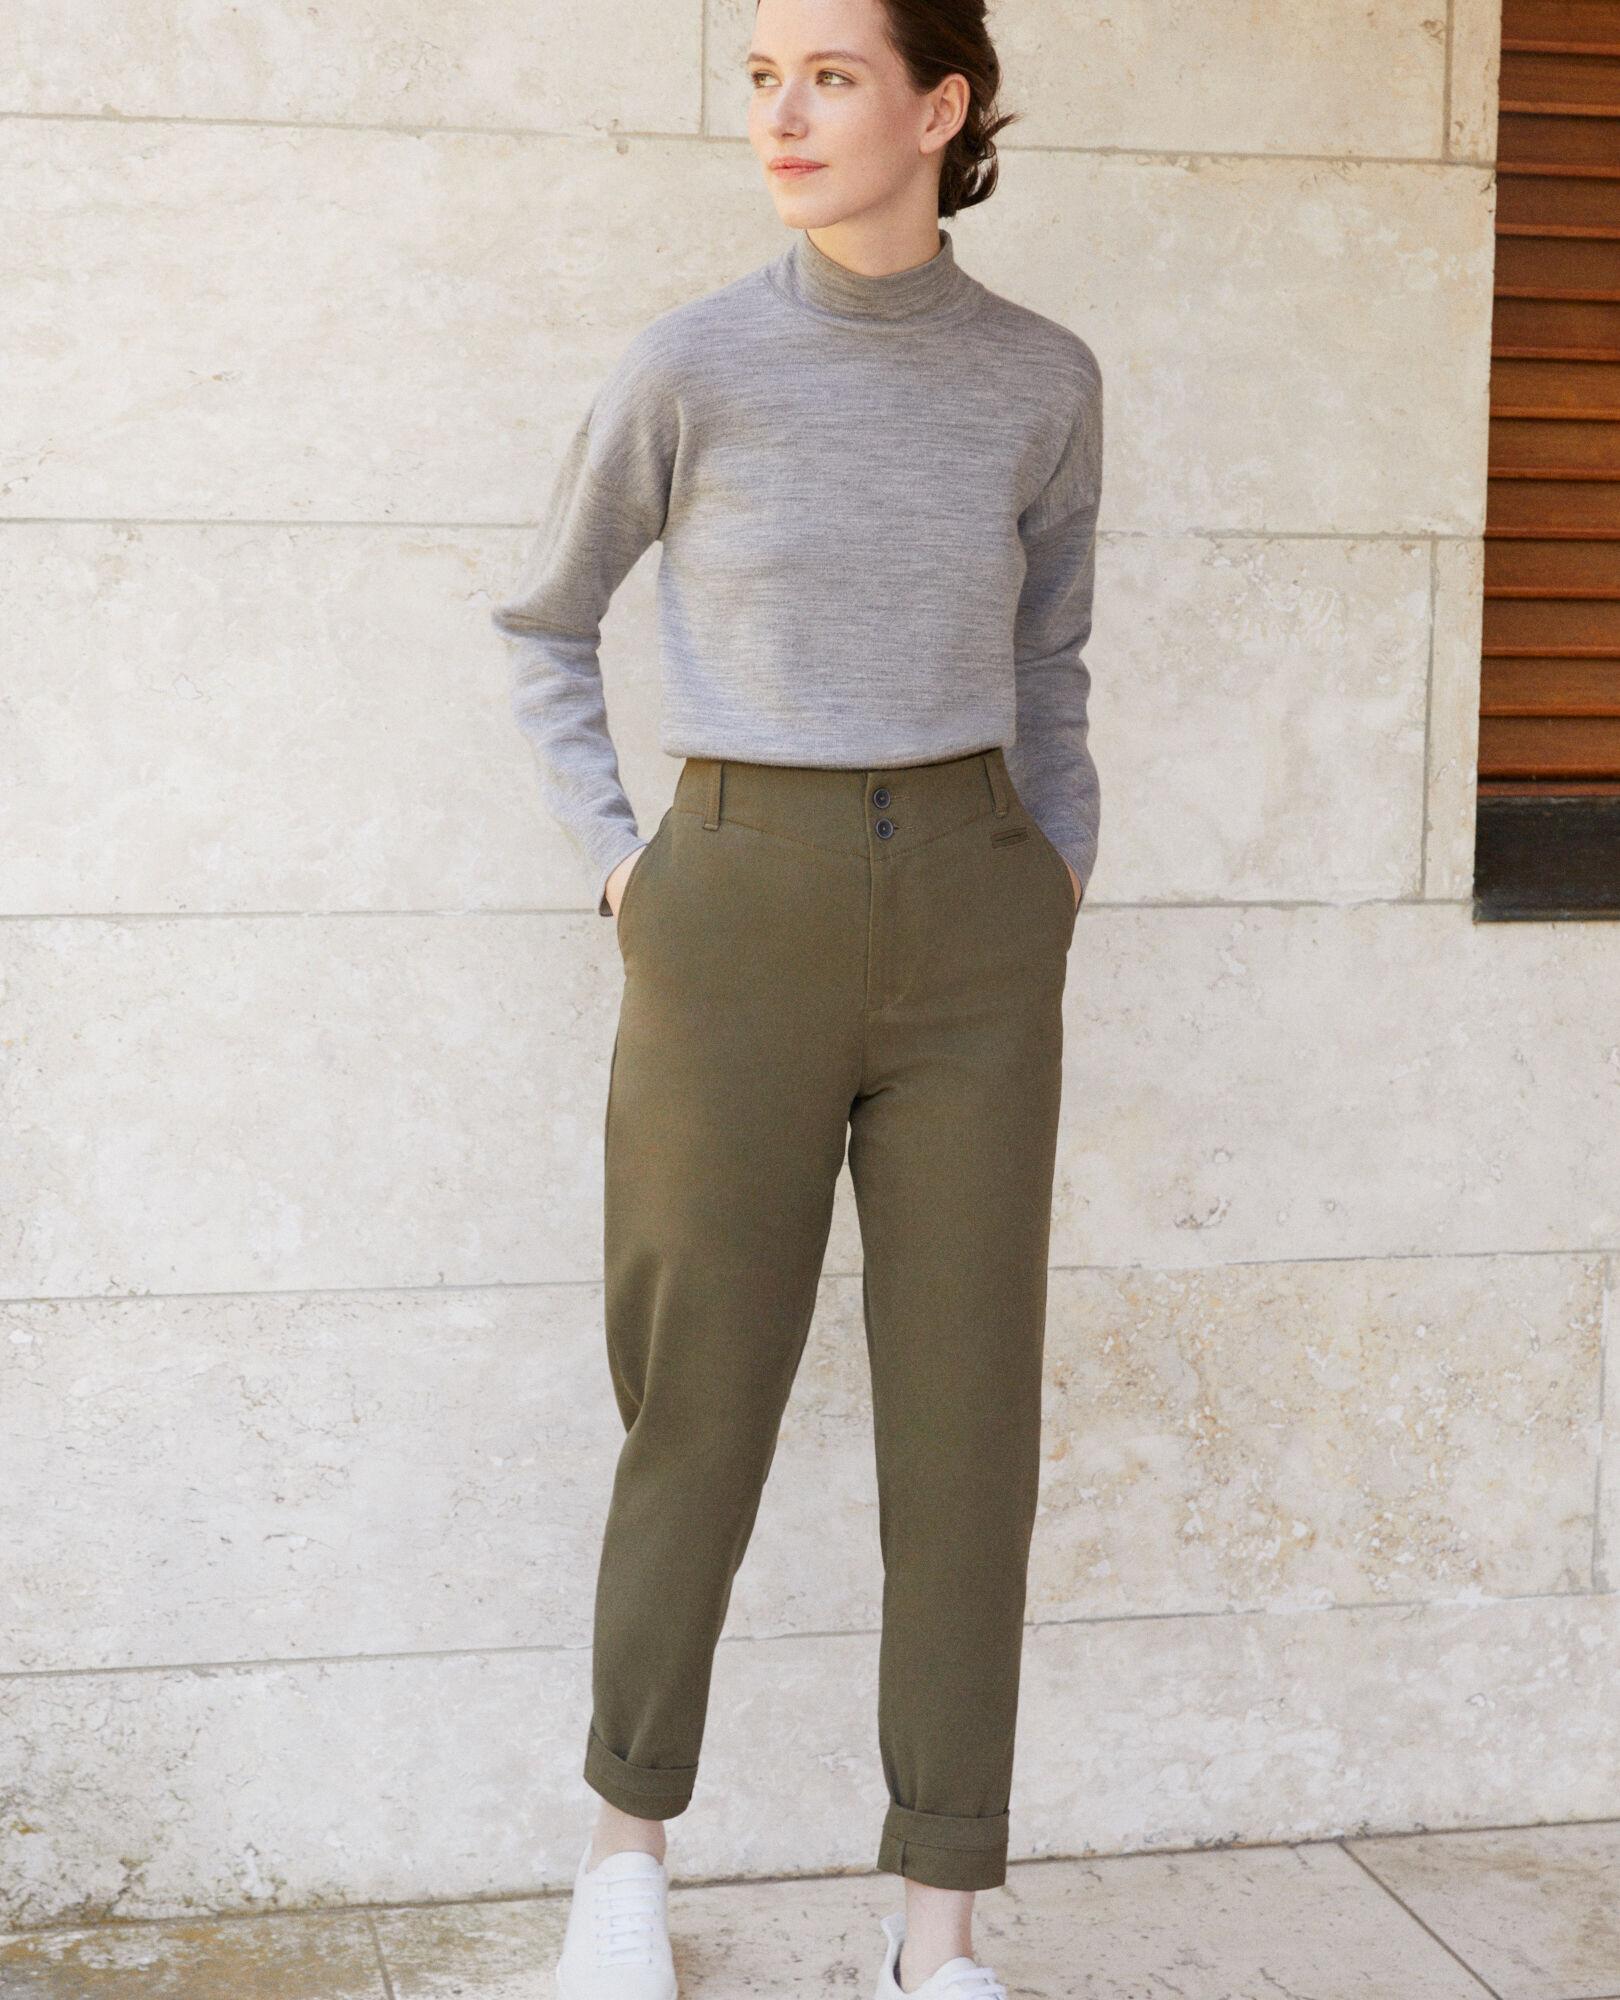 Pantalon Femme Olive Cotonniers Comptoir Gabini Chino Couleur Des qw7pqZBx